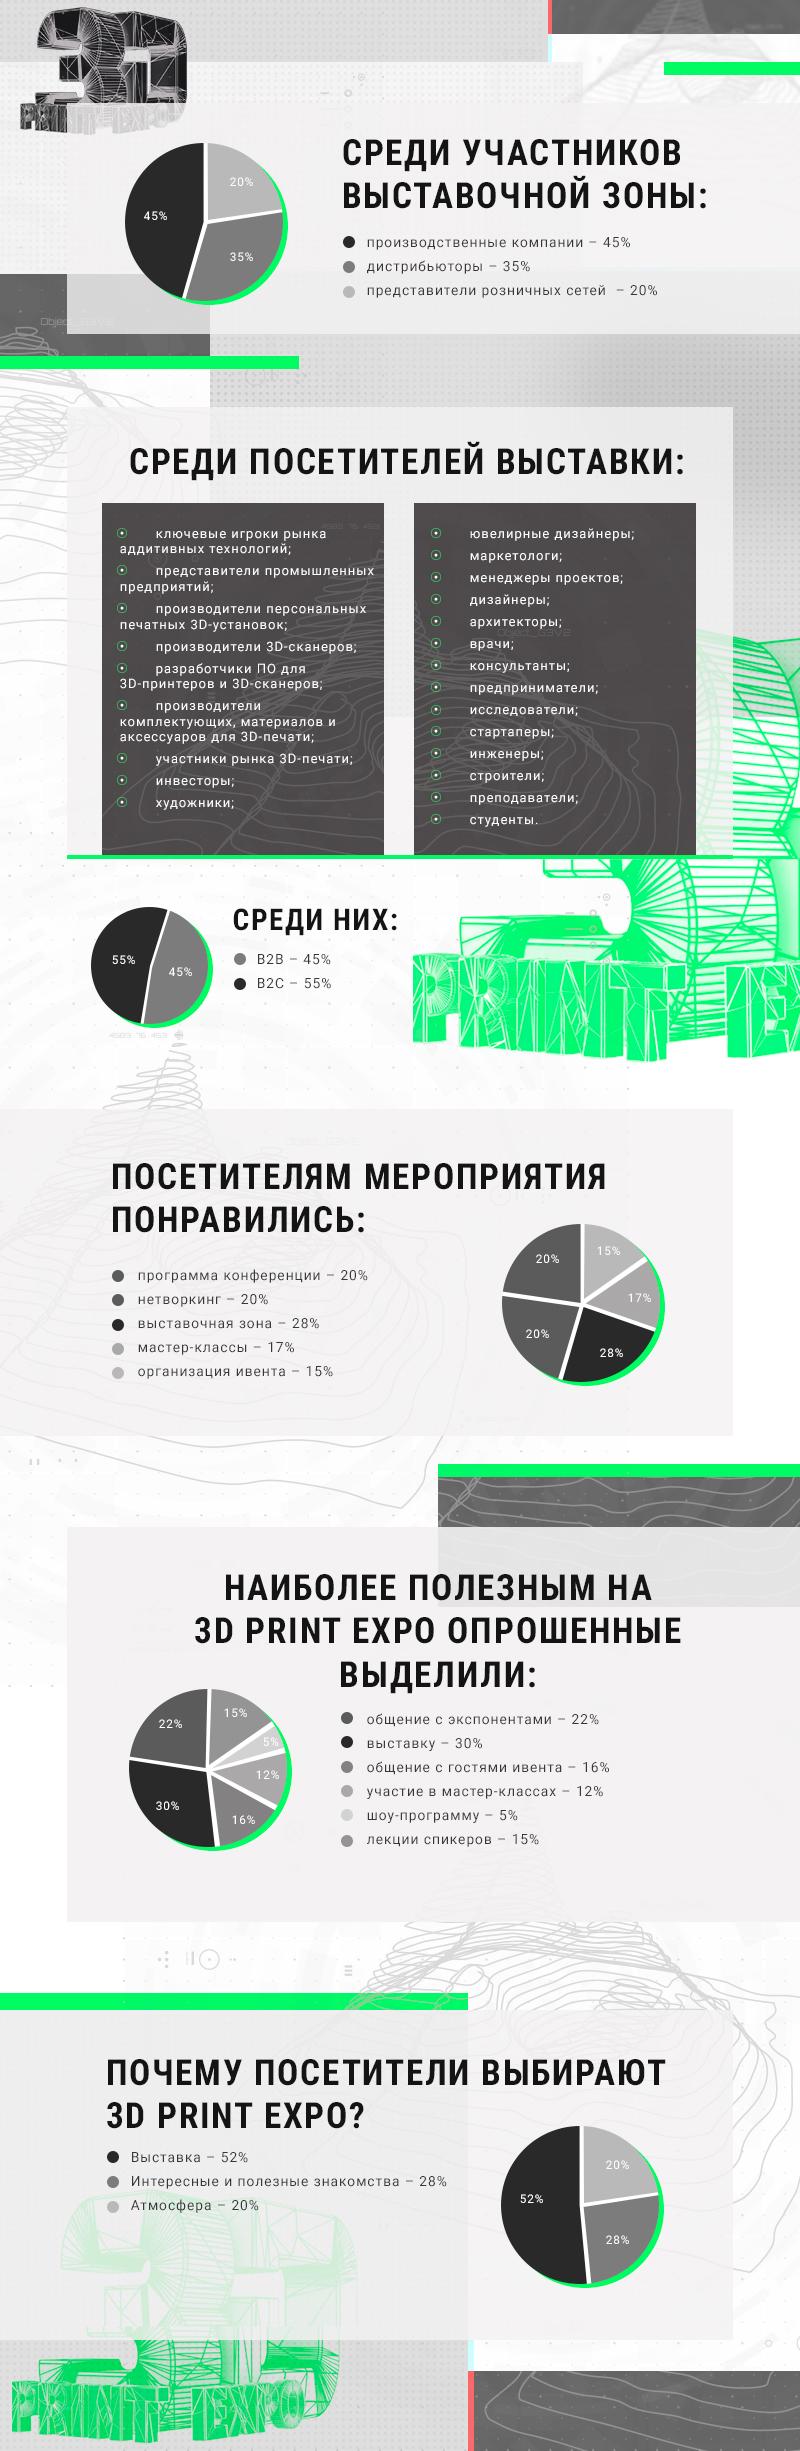 3D Print Expo: 3D Print Expo: infografika ob ivente v tsifrah i faktah 1